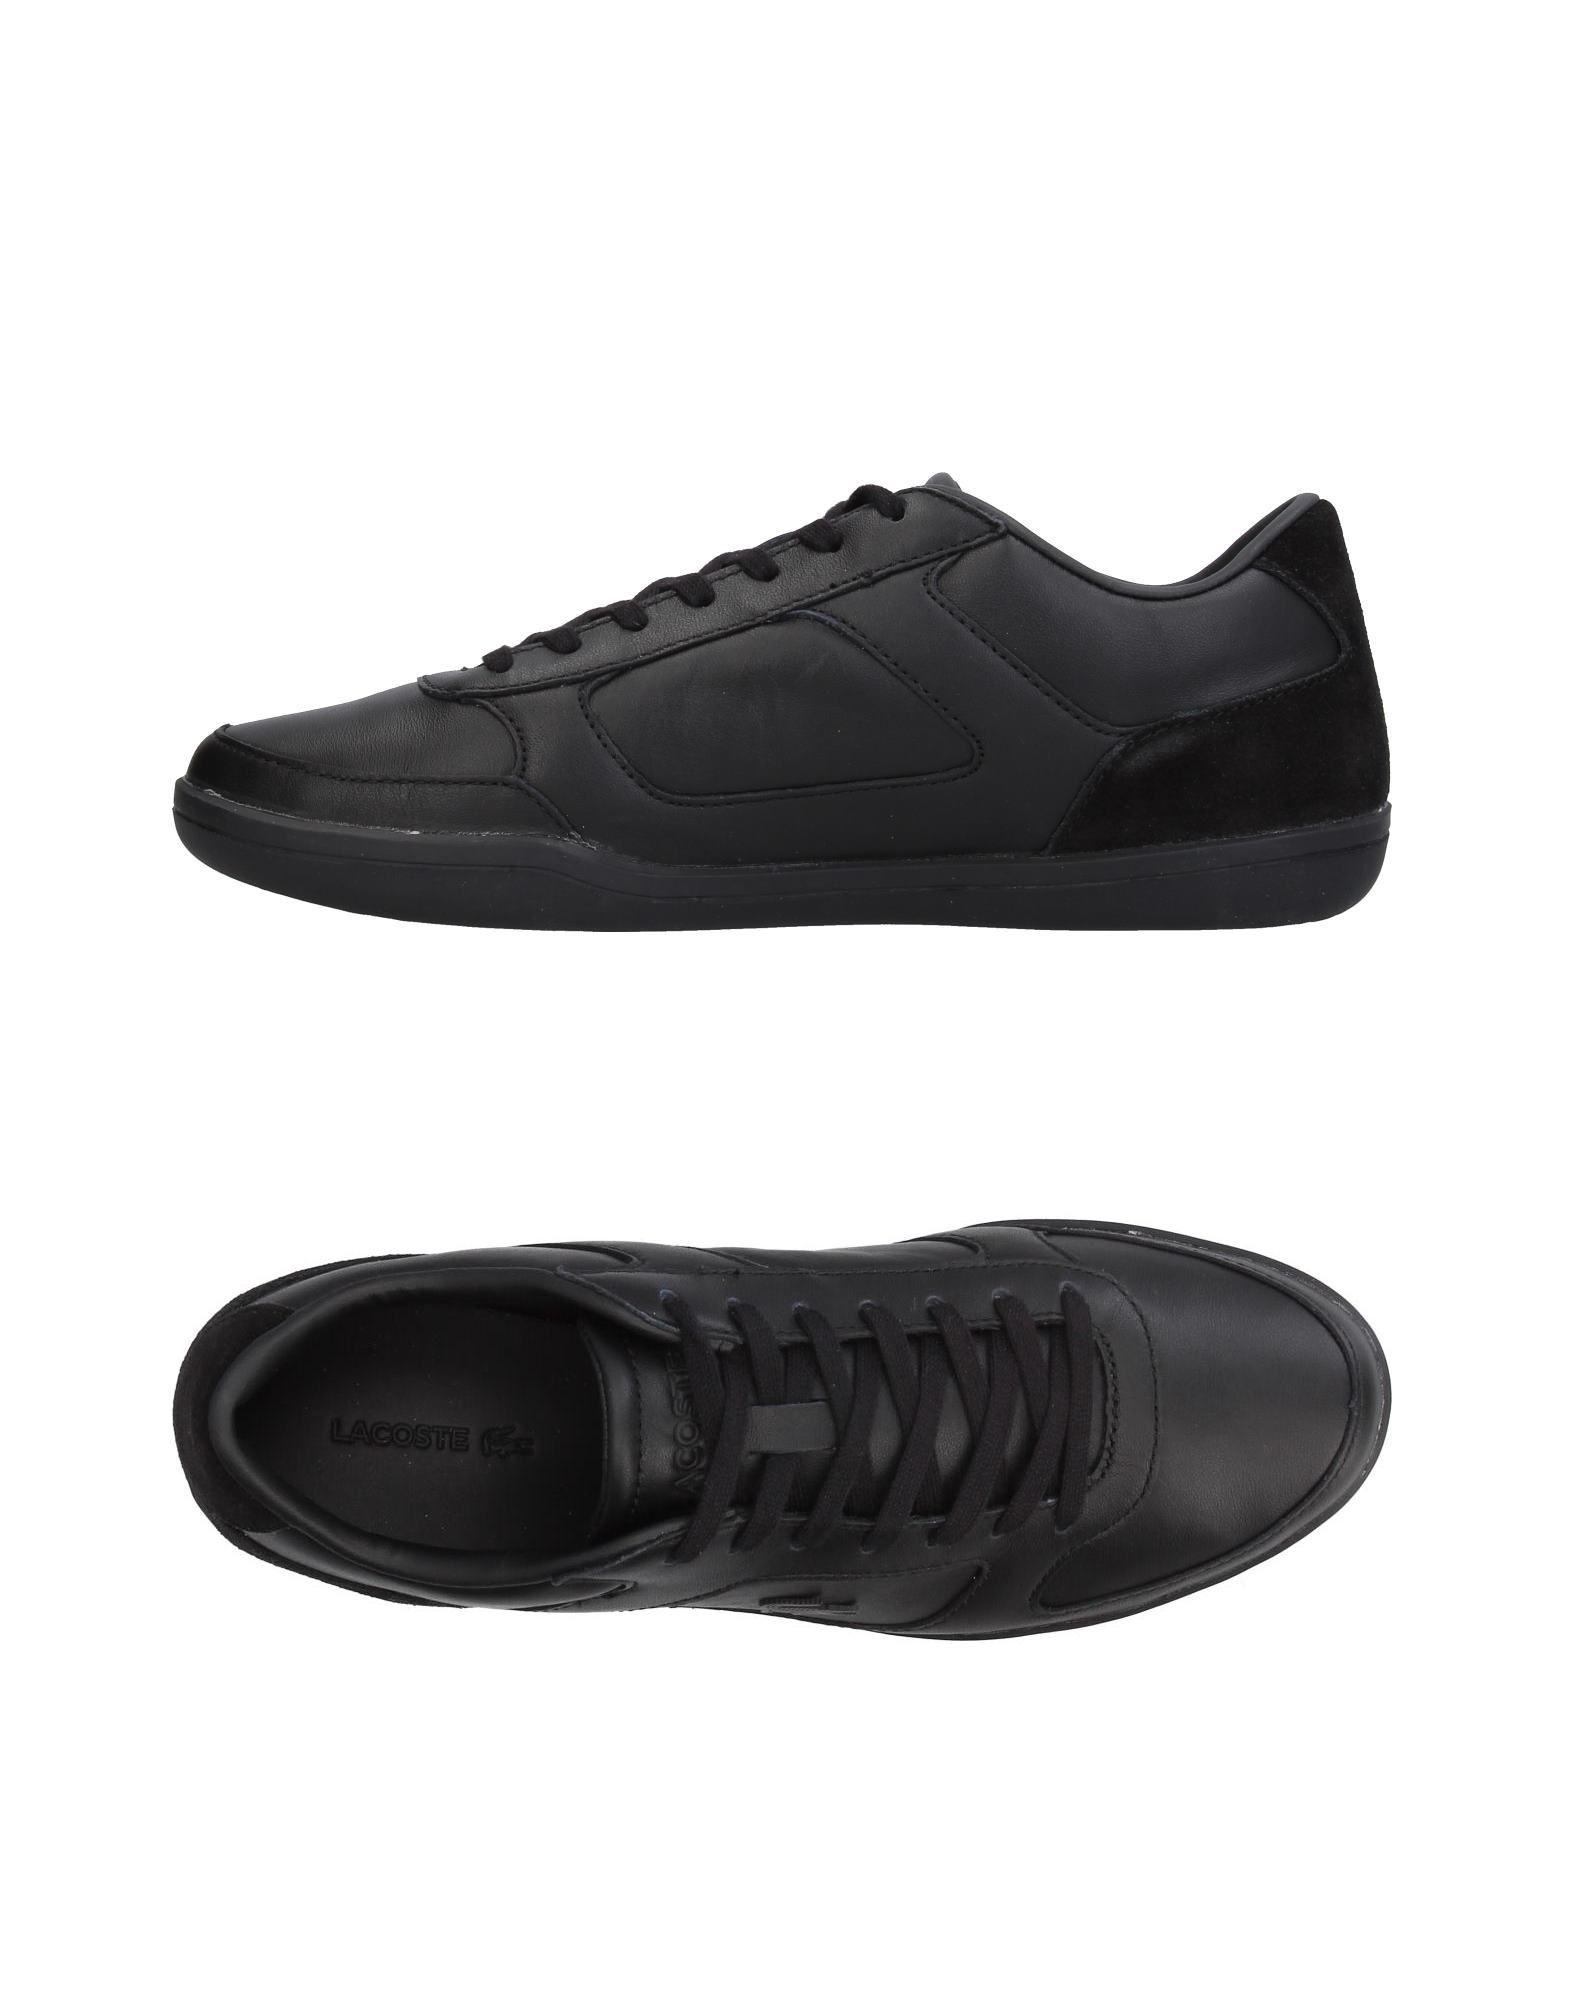 Haltbare Mode billige Schuhe Lacoste Sneakers Herren  11394833IB Heiße Schuhe